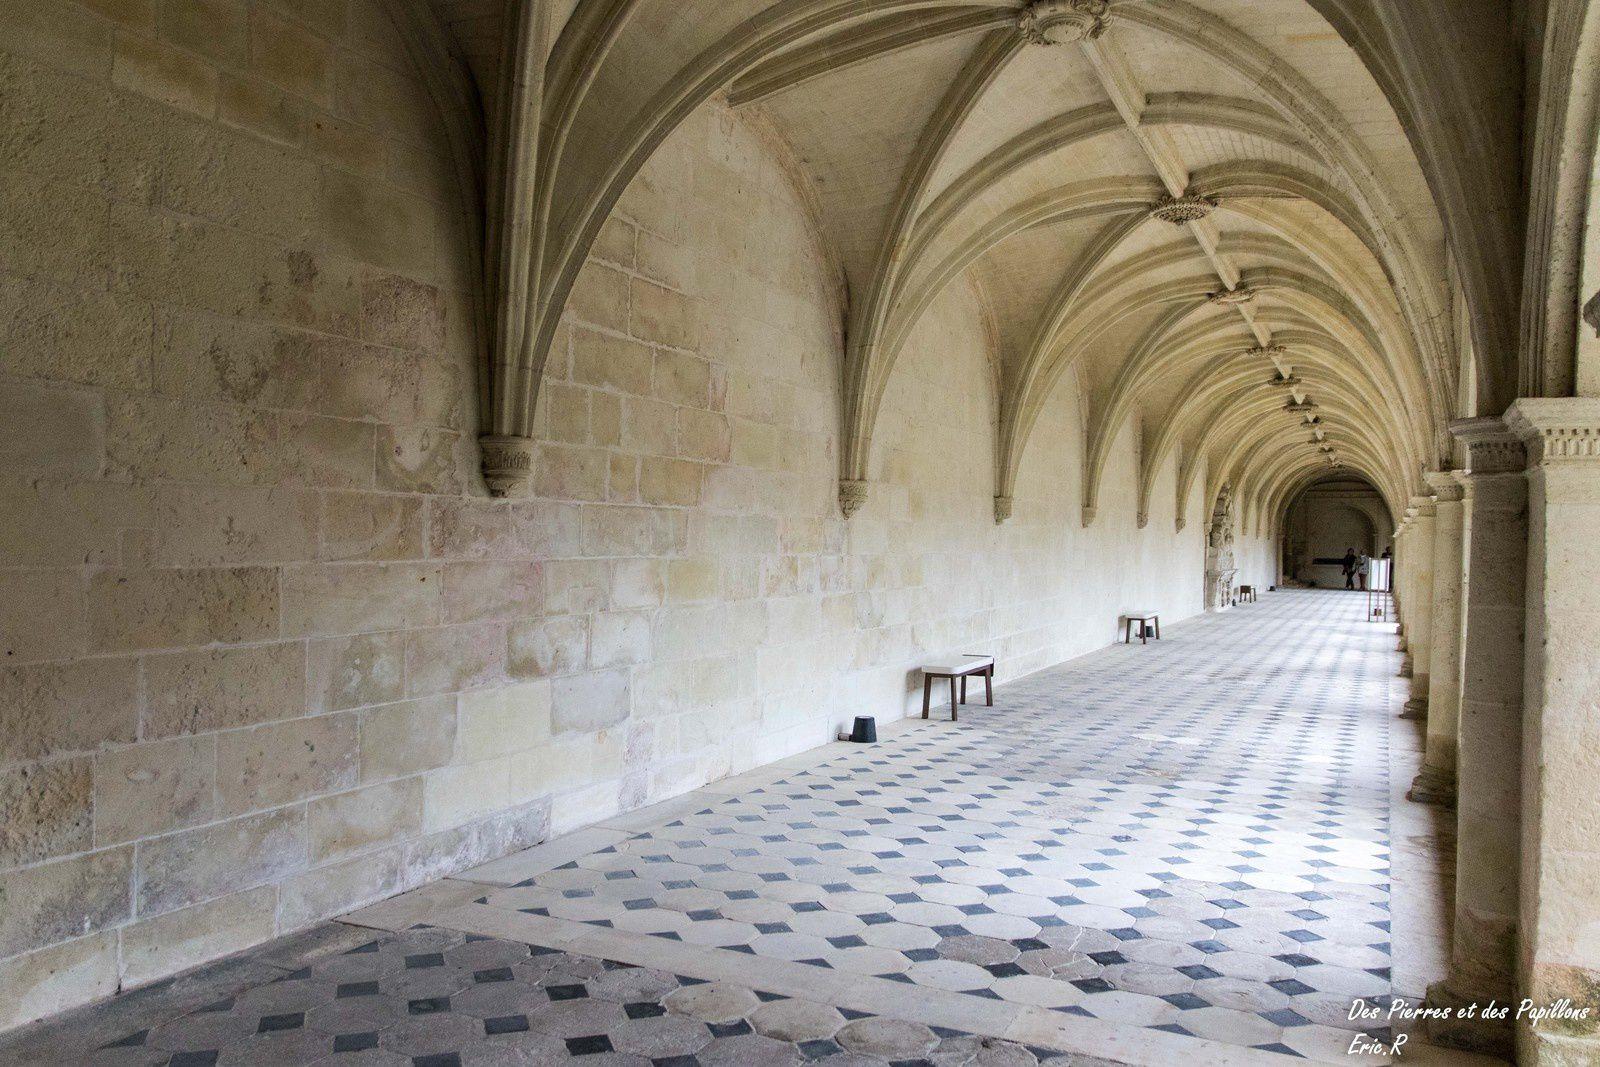 Visite à l'abbaye royale Notre-Dame de Fontevraud.